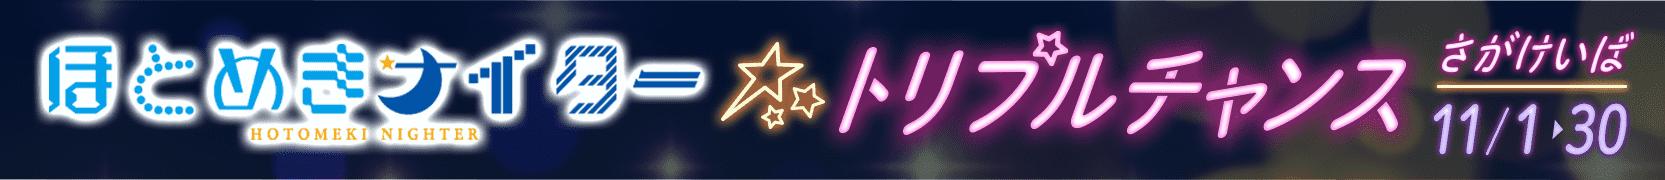 3か月連続:さがけいばナイター★トリプルチャンス第2弾(2020年11月)